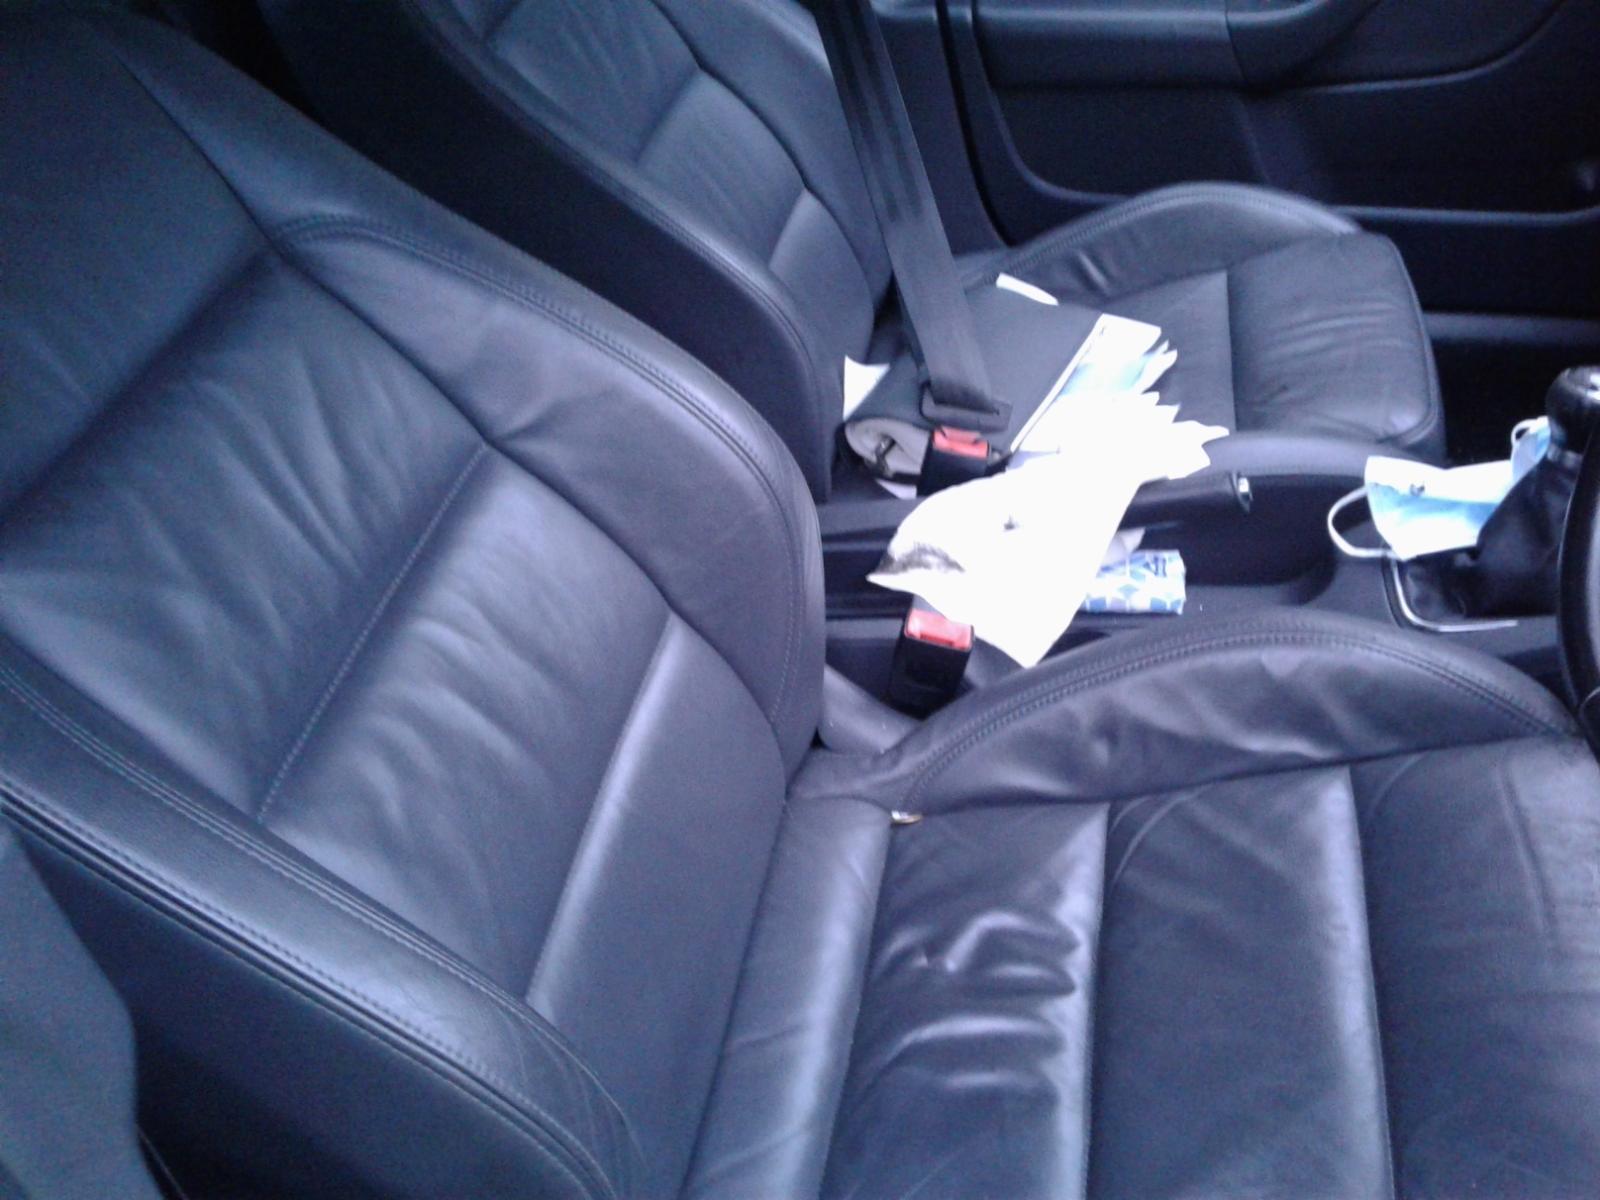 Image for a VOLKSWAGEN GOLF 2008 5 Door Hatchback